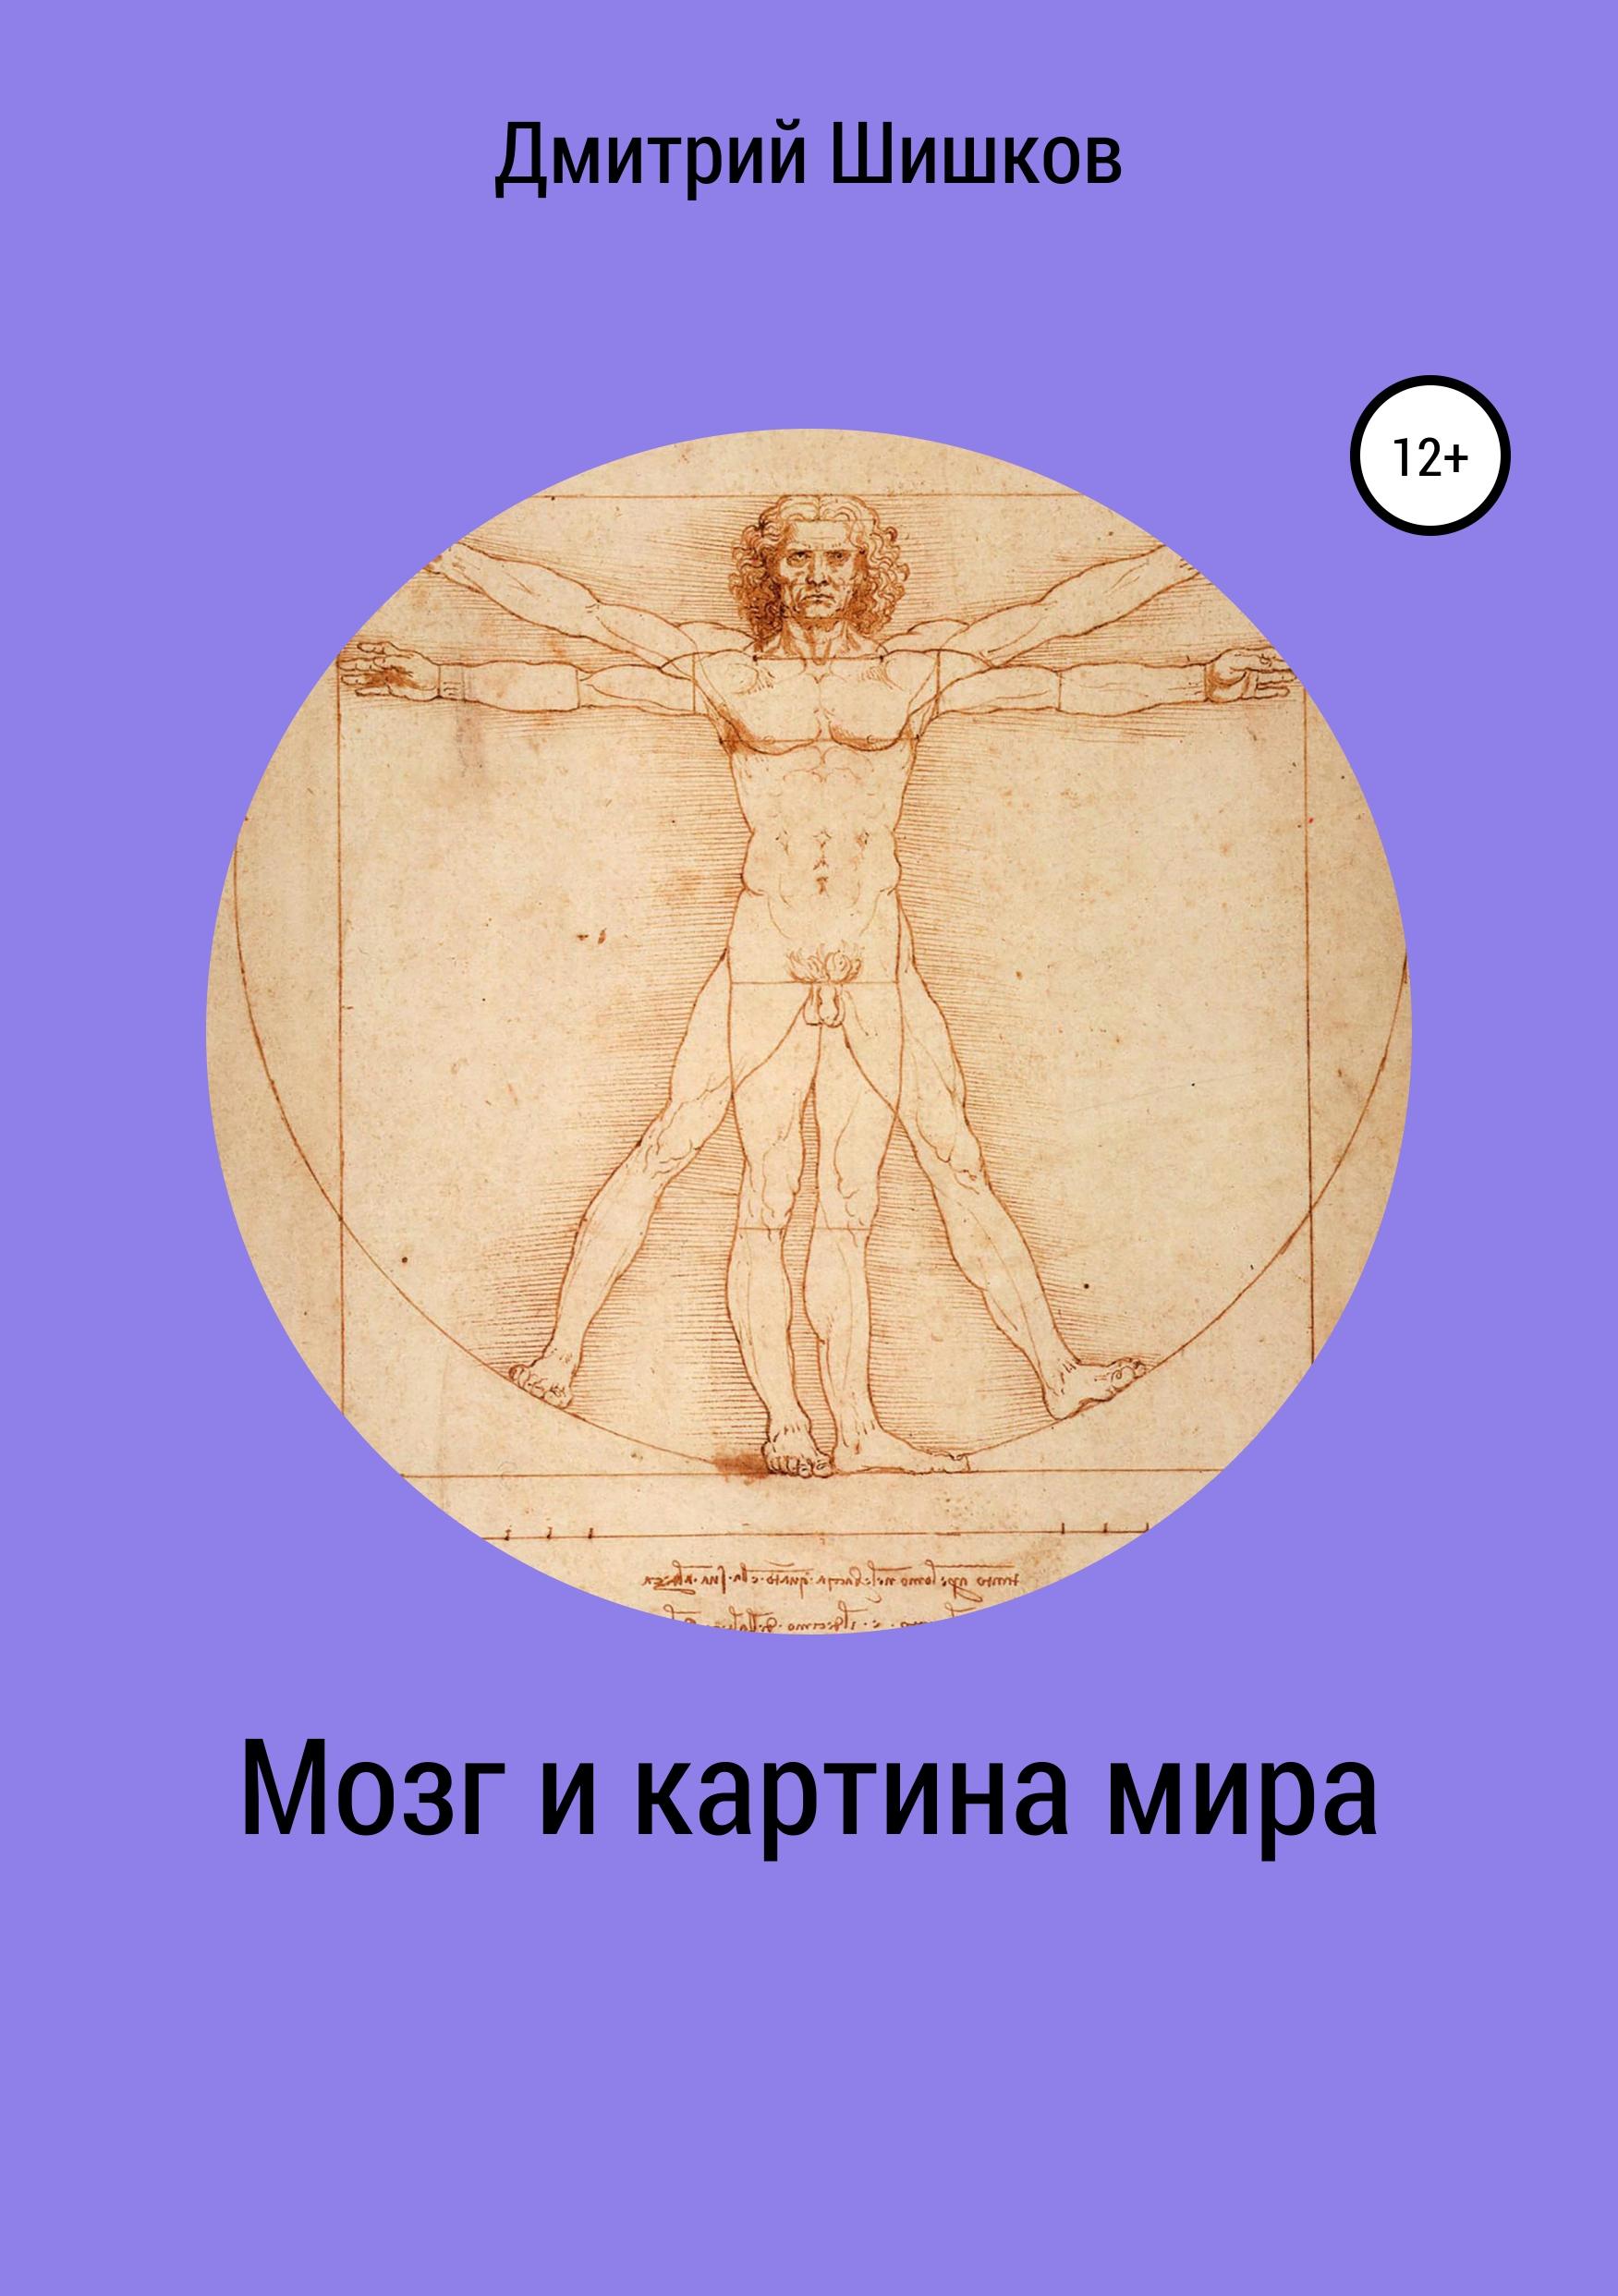 Дмитрий Христофорович Шишков Мозг и картина мира павлов и физиология больших полушарий головного мозга